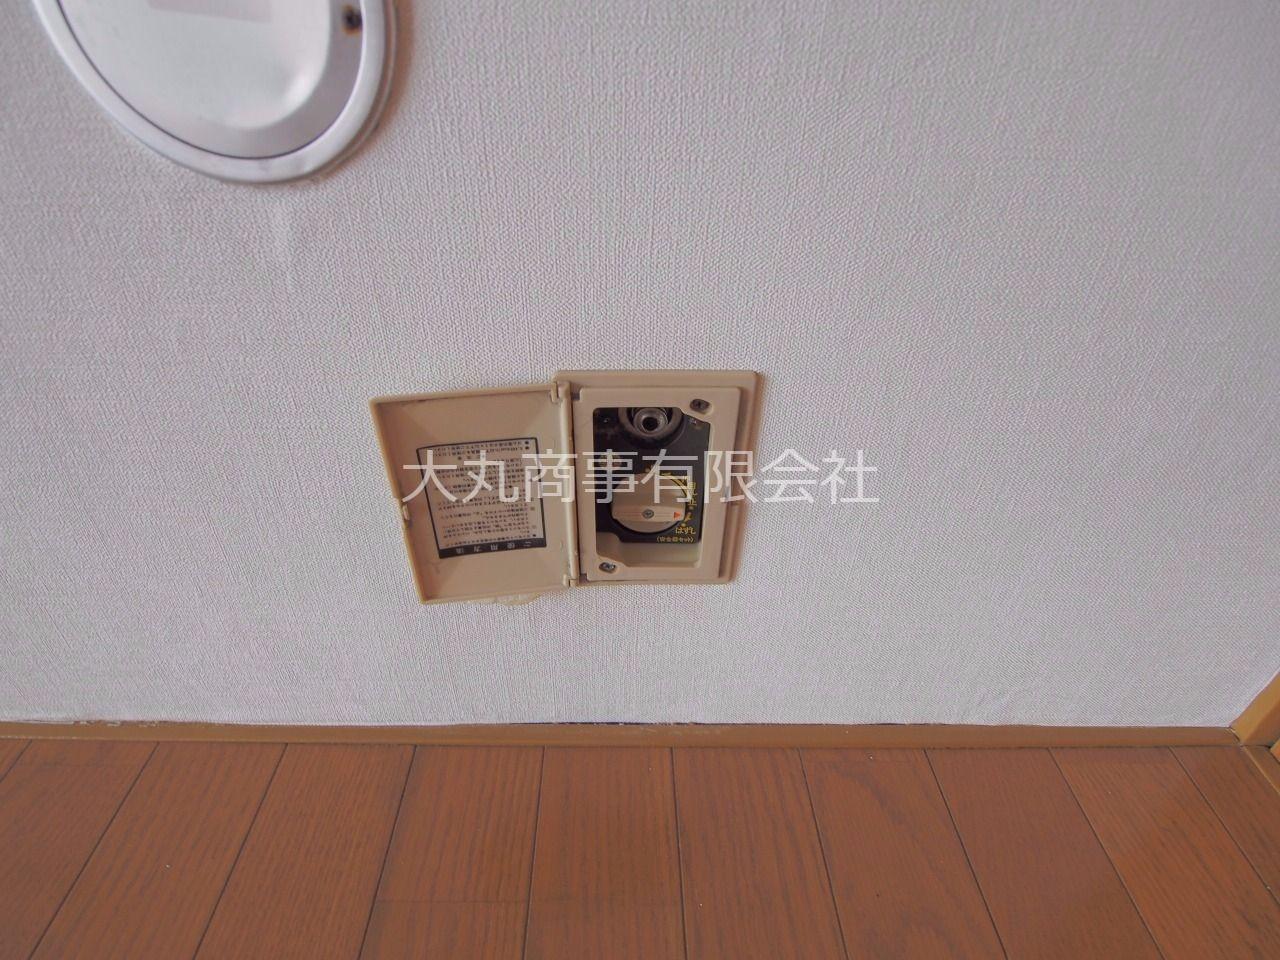 ガス暖房が利用可能なガス栓